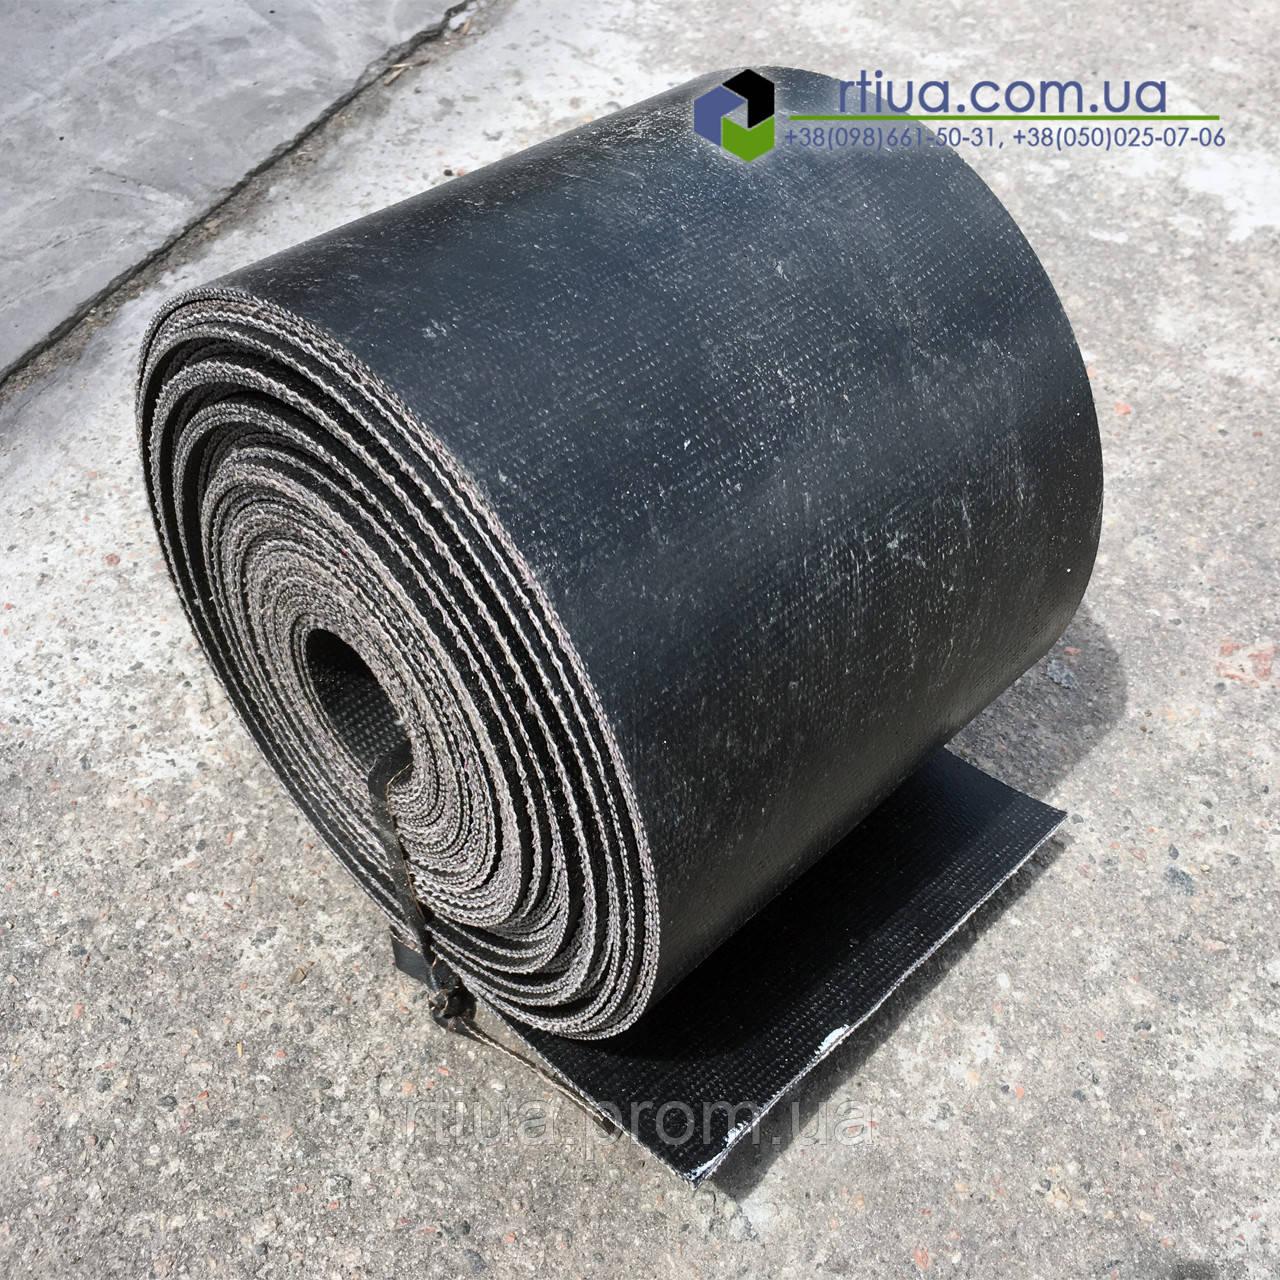 Транспортерная лента БКНЛ, 150х3 мм